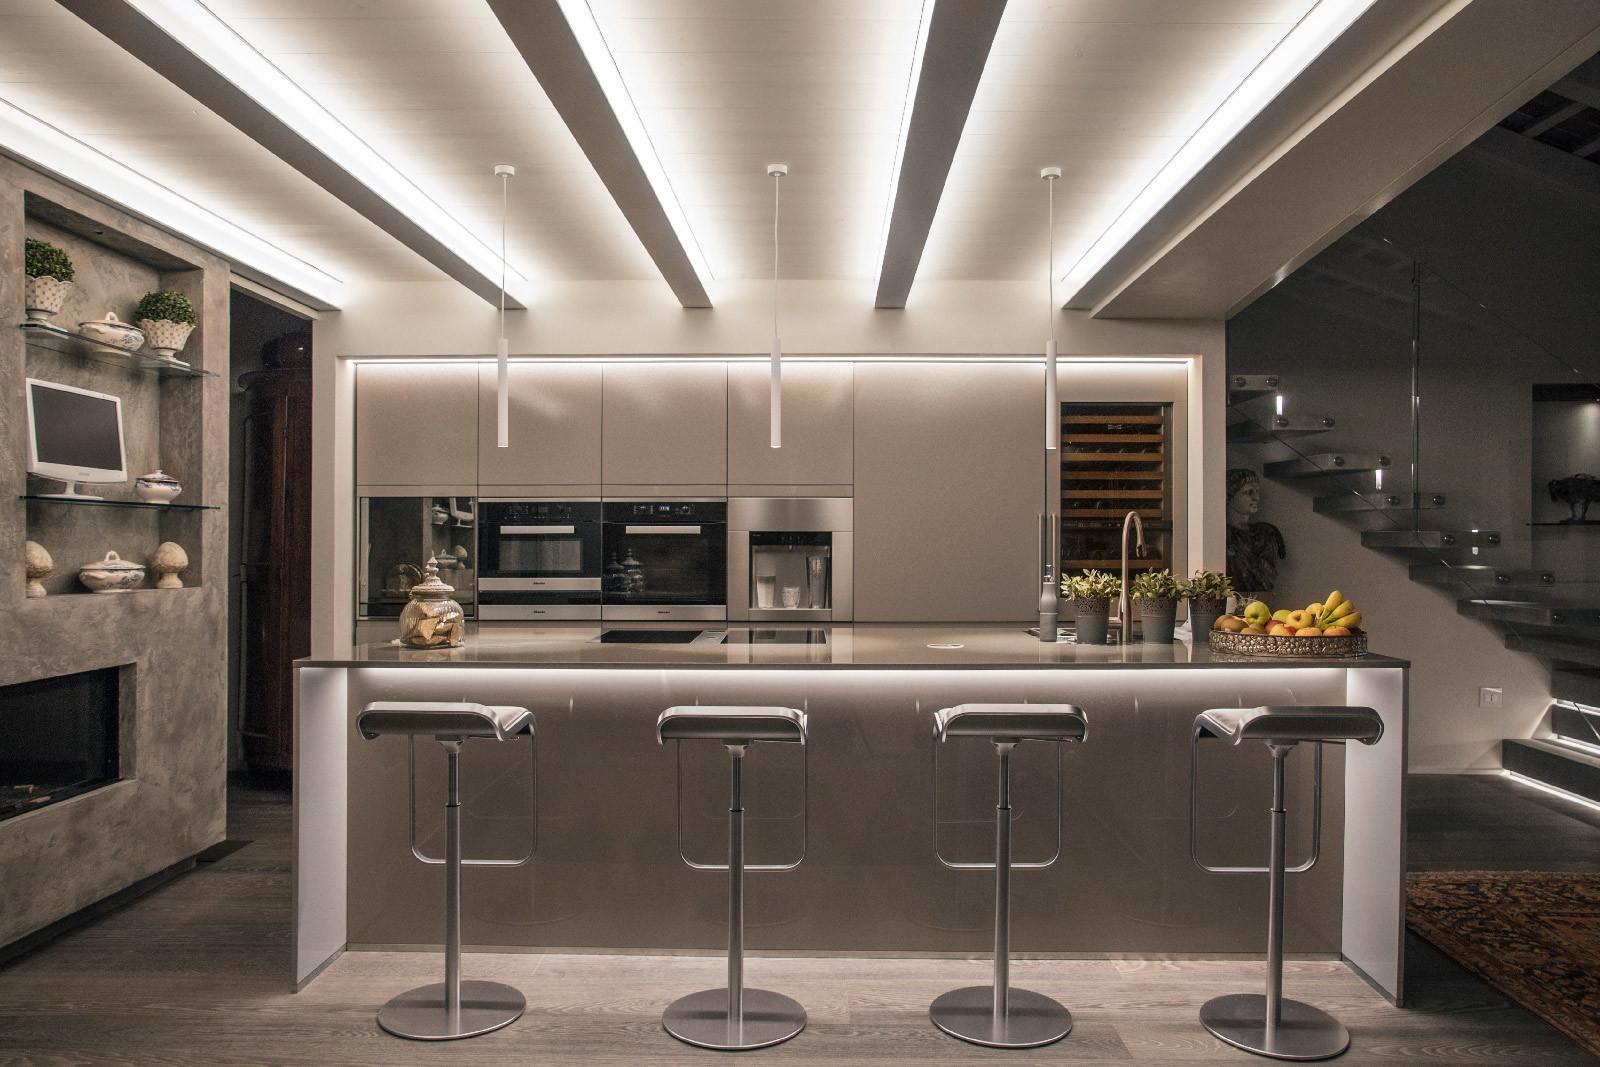 Ecco come illuminare la cucine e la zona living con le strip Led